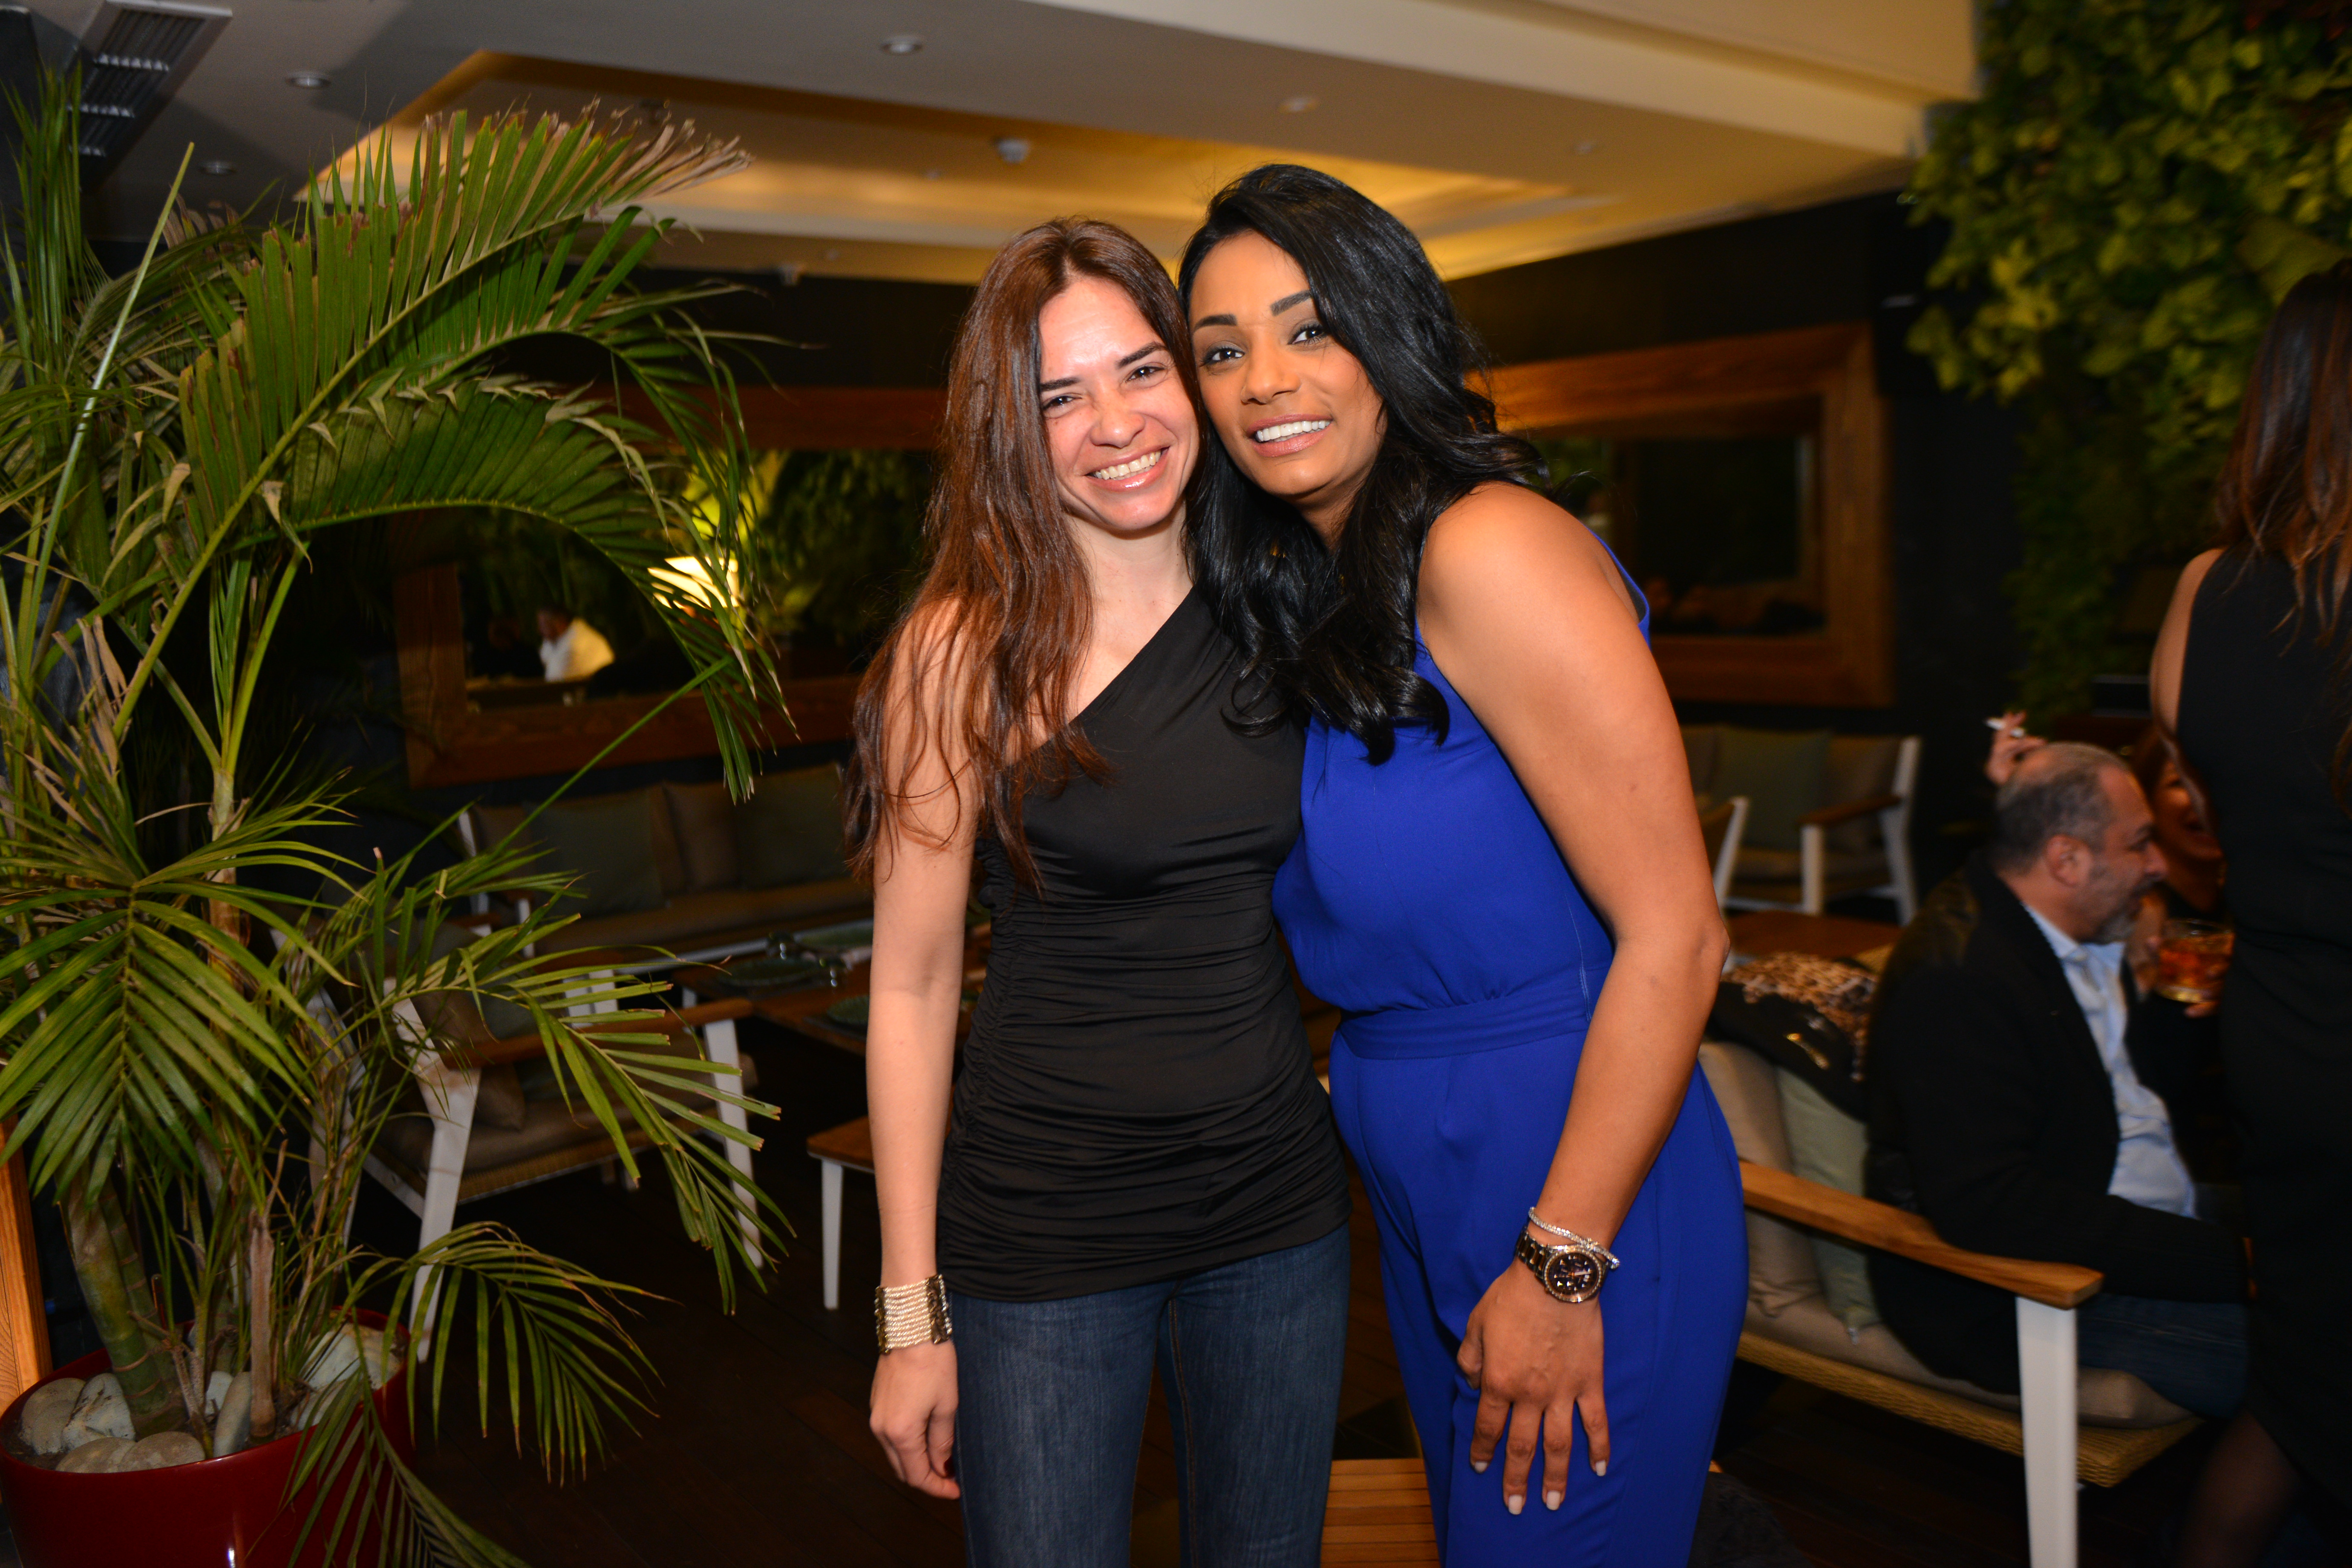 Ms. Molly Abdelghaffar & Ms. Rania Elsayed